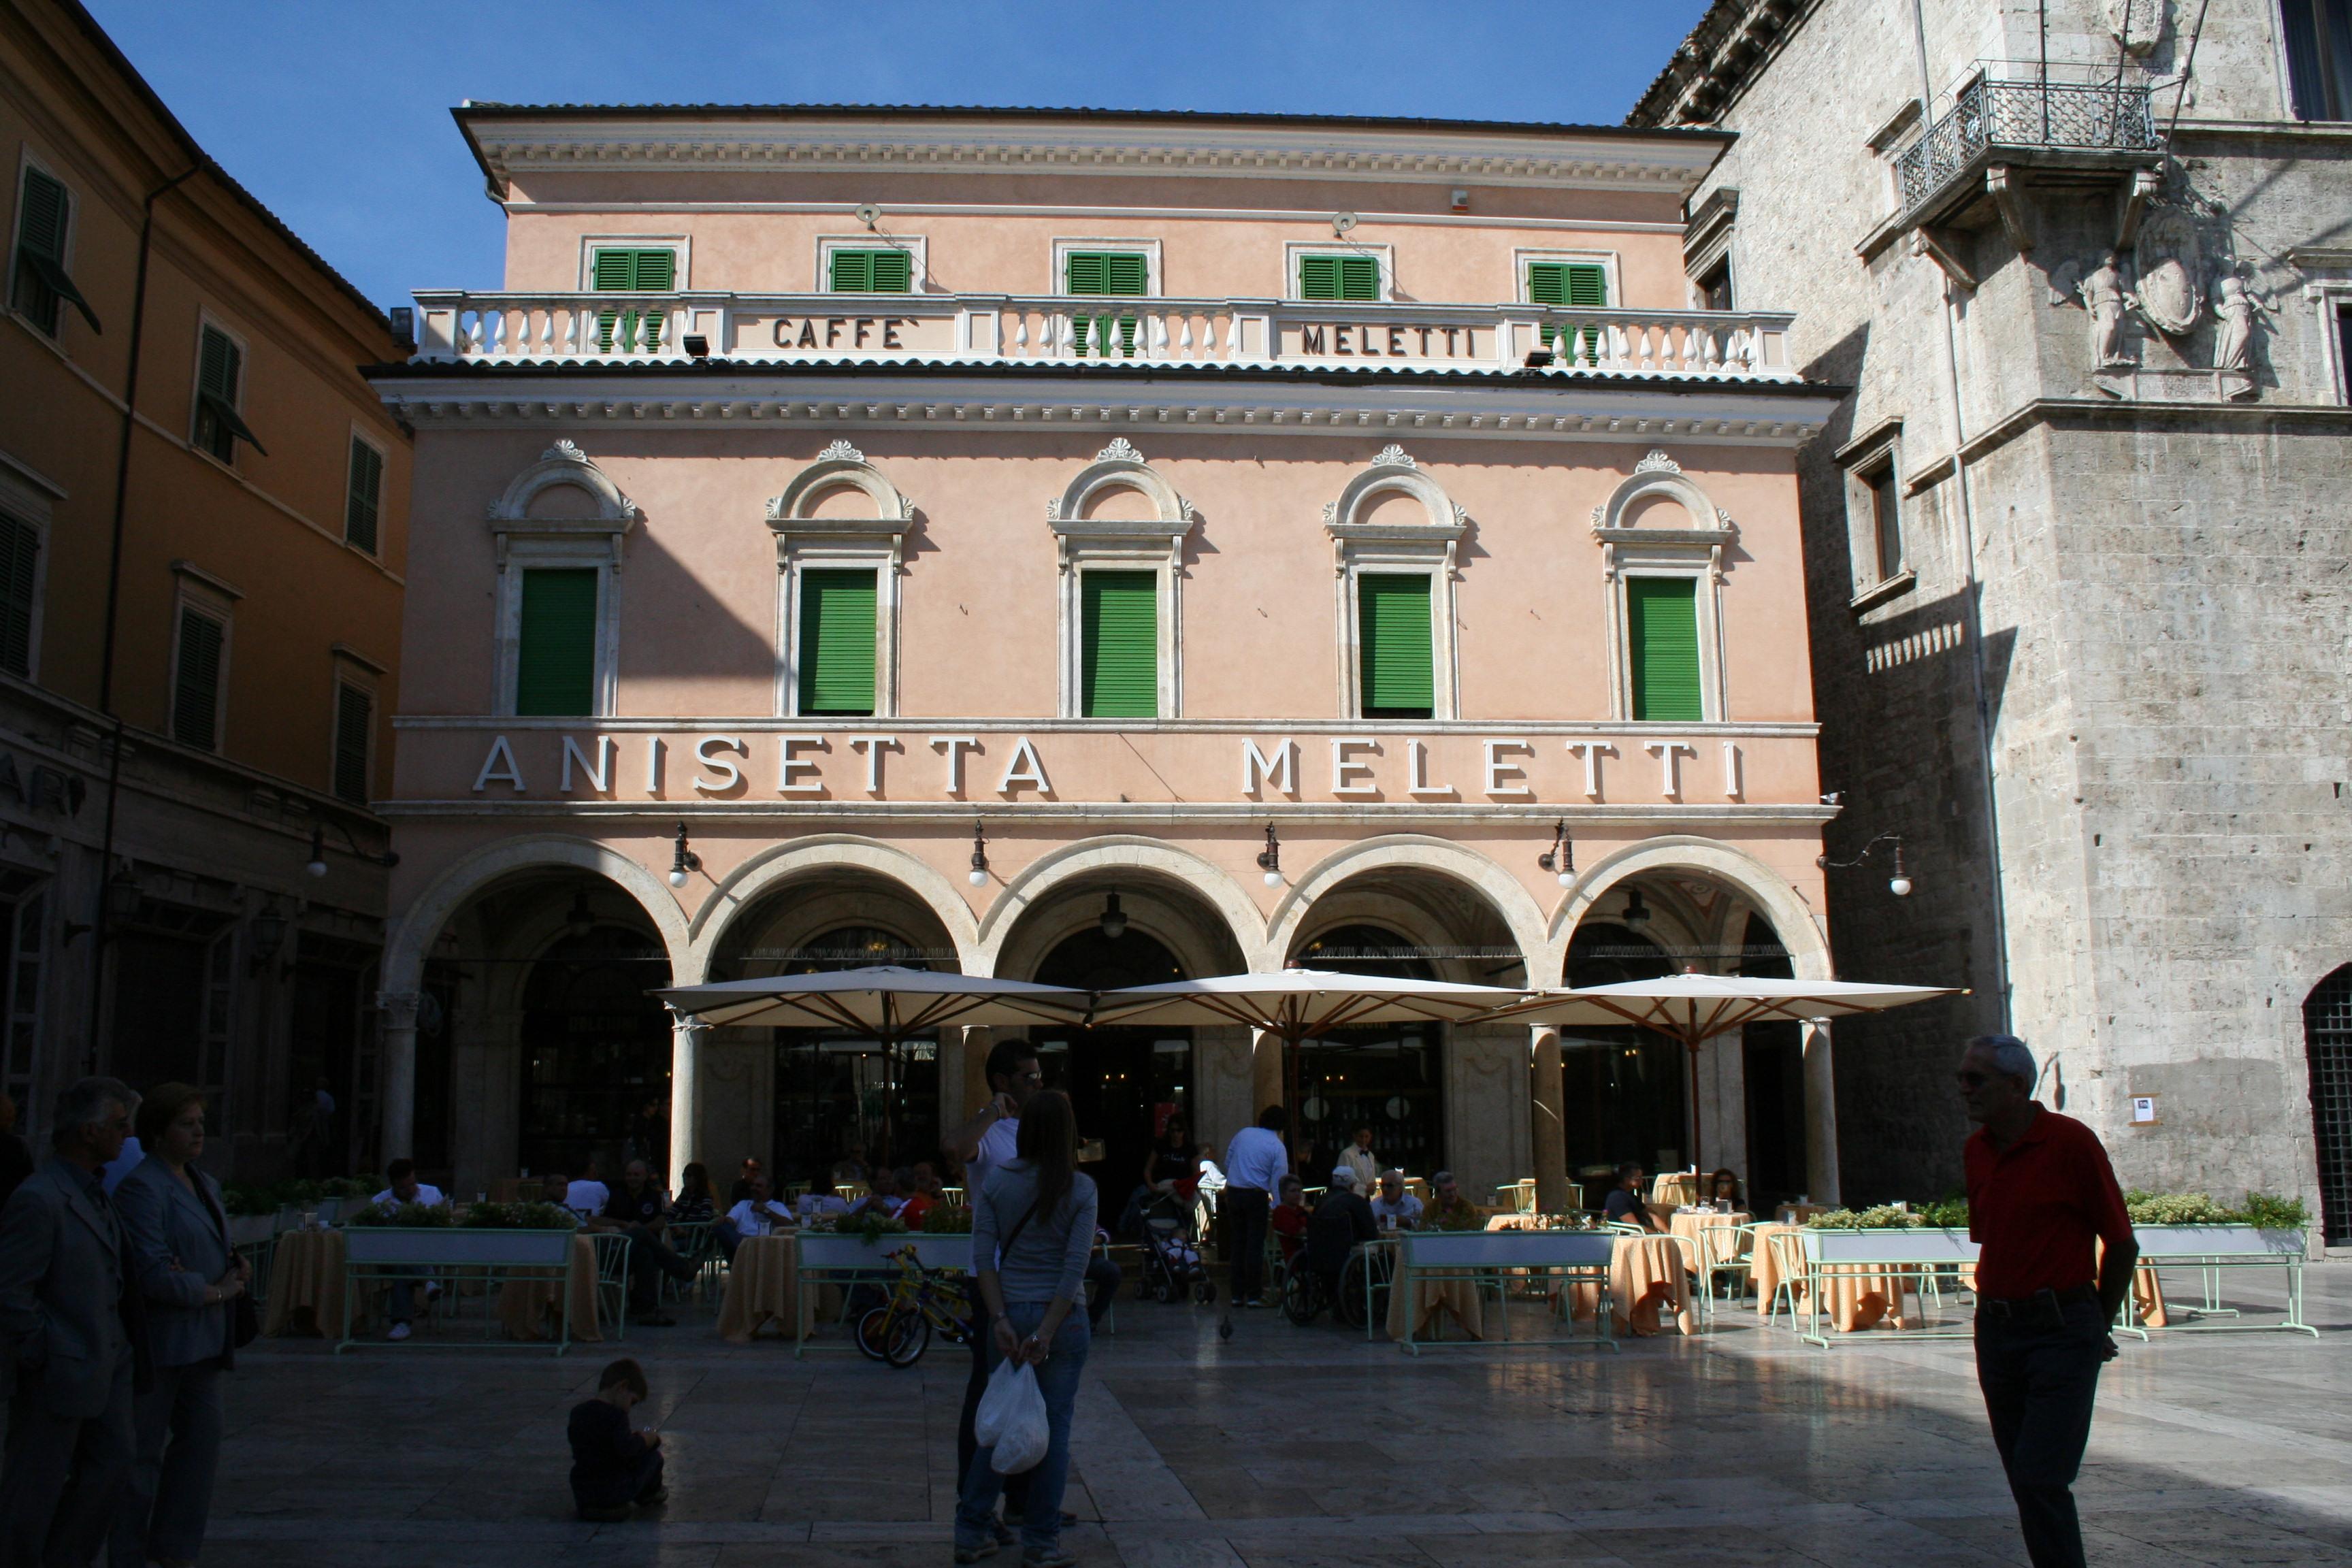 Caffé Meletti in Ascoli Piceno